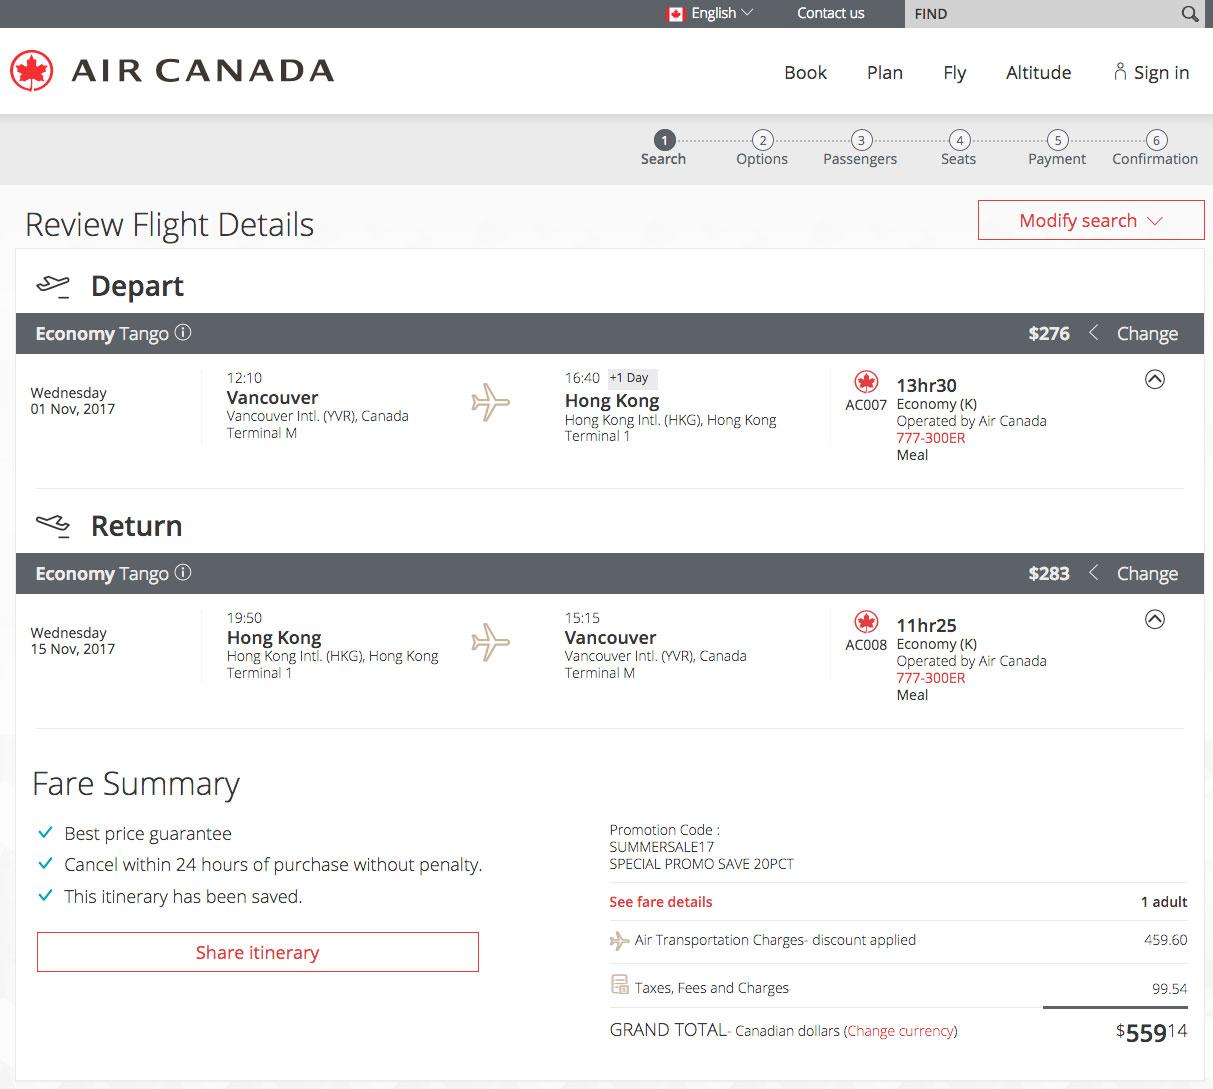 [逾期]Air Canada:來回溫哥華及香港只需加幣$559(連稅)